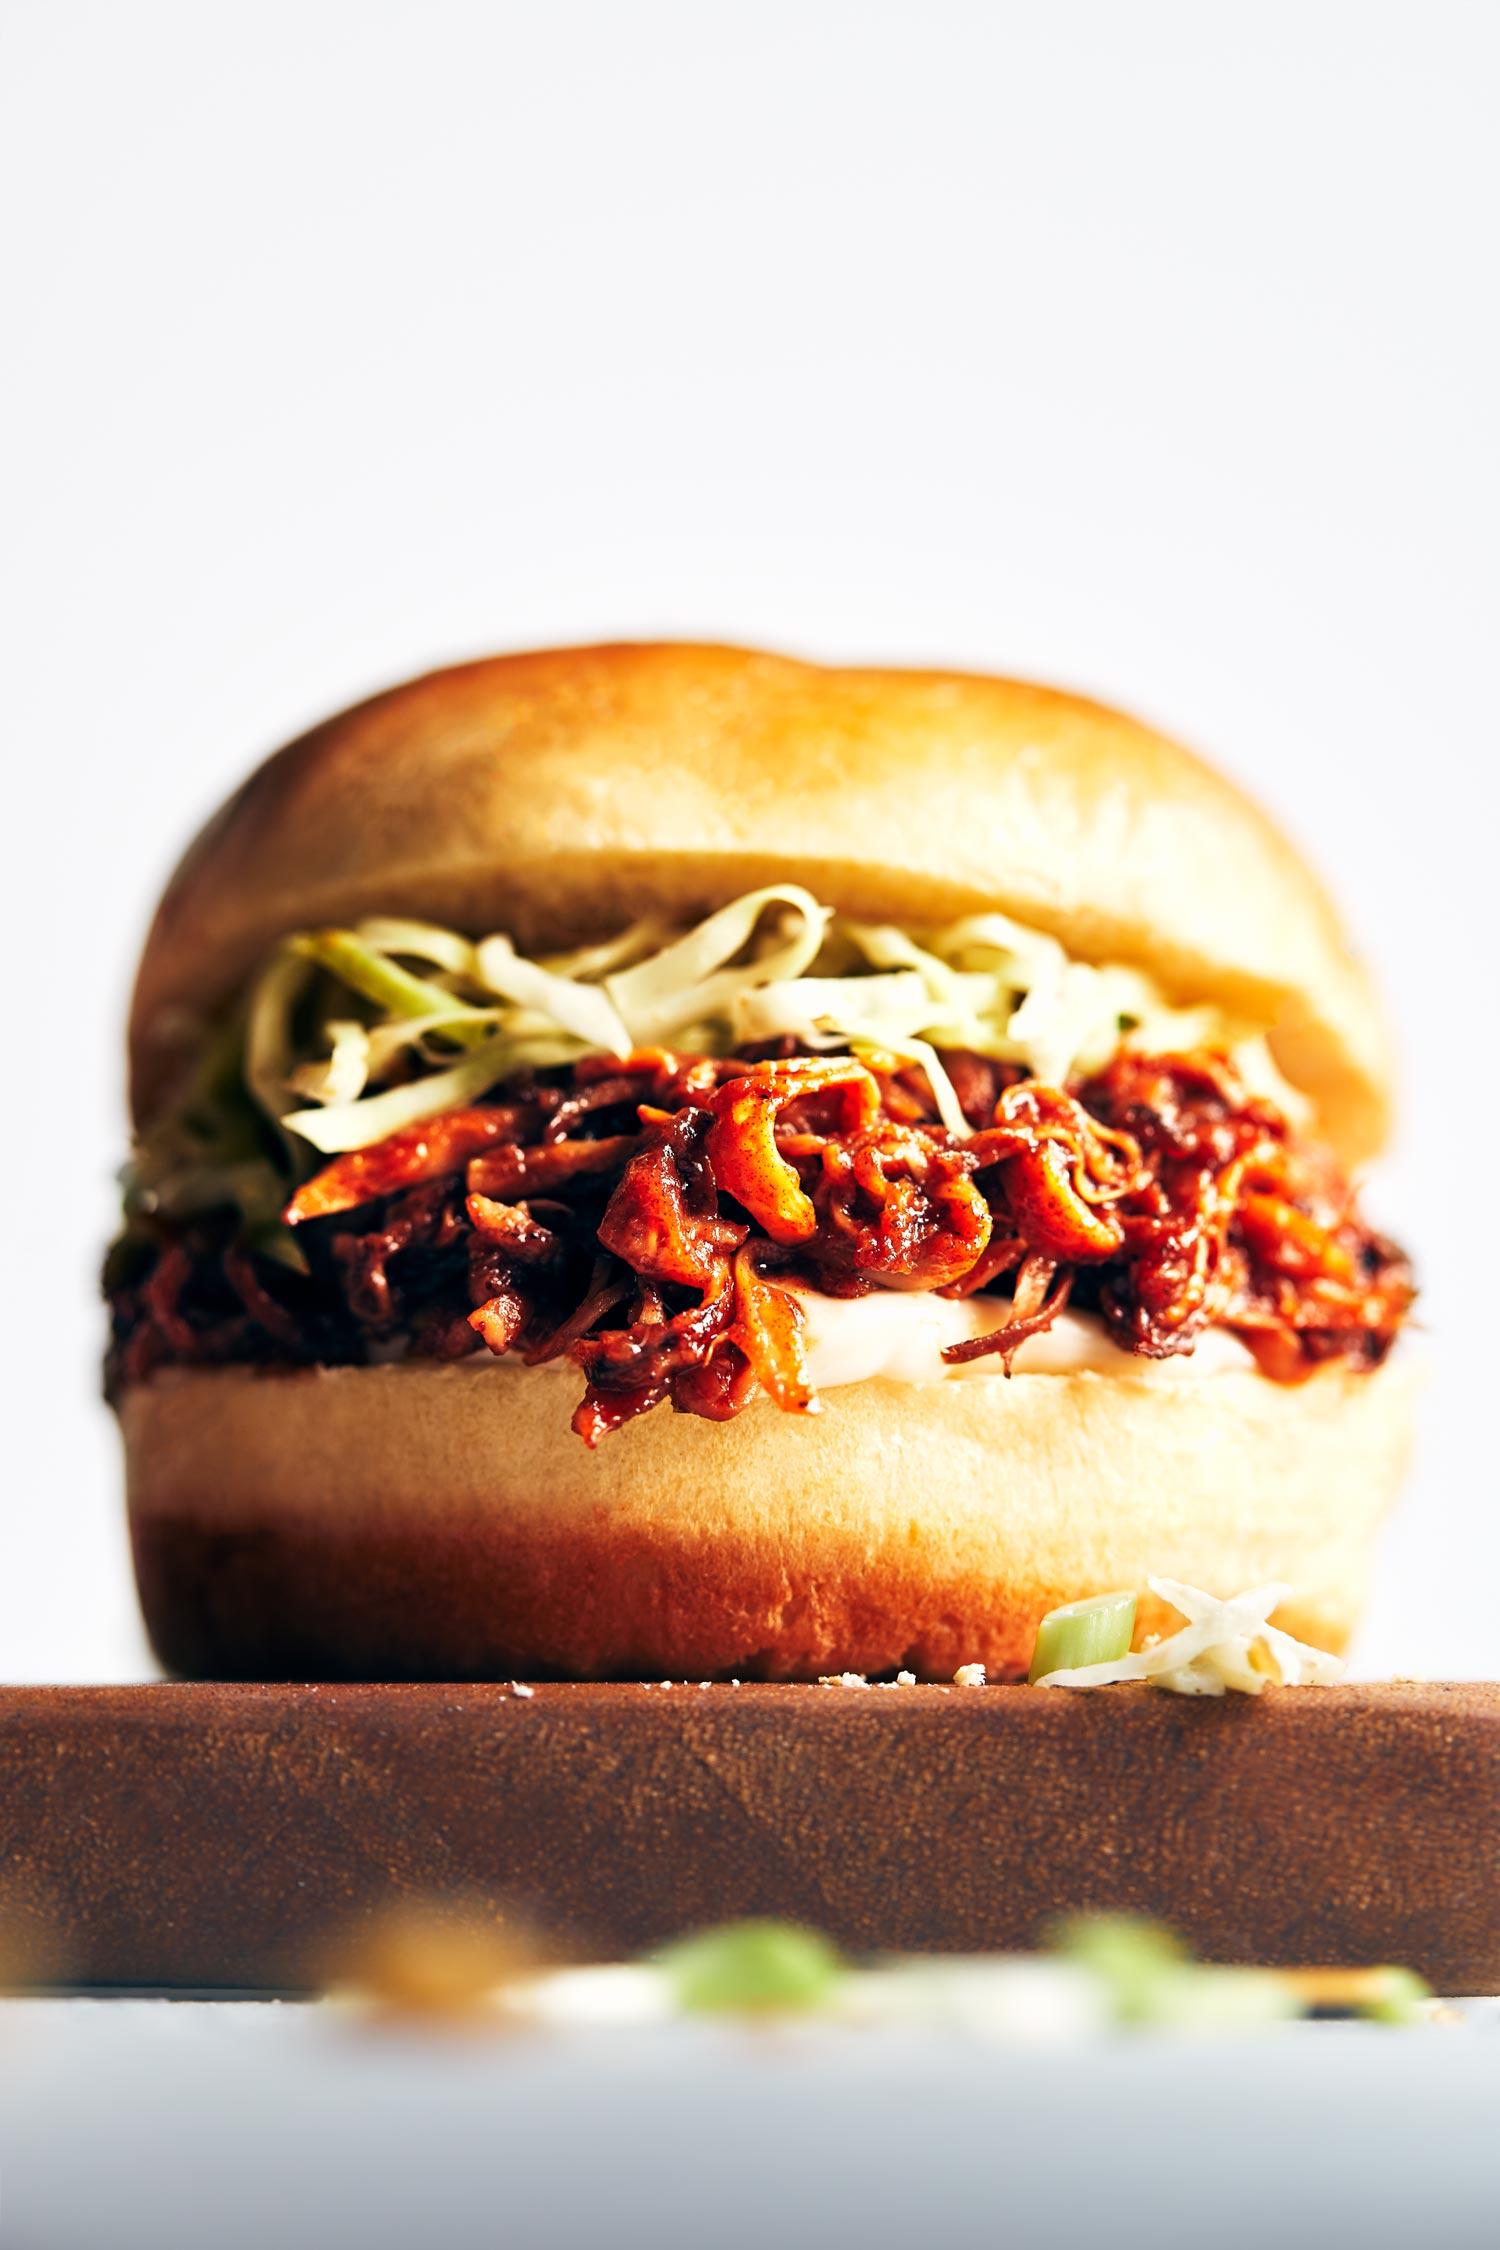 BBQ Pulled Mushroom Sandwiches | Evergreen Kitchen | Vegan, Gluten Free (option)